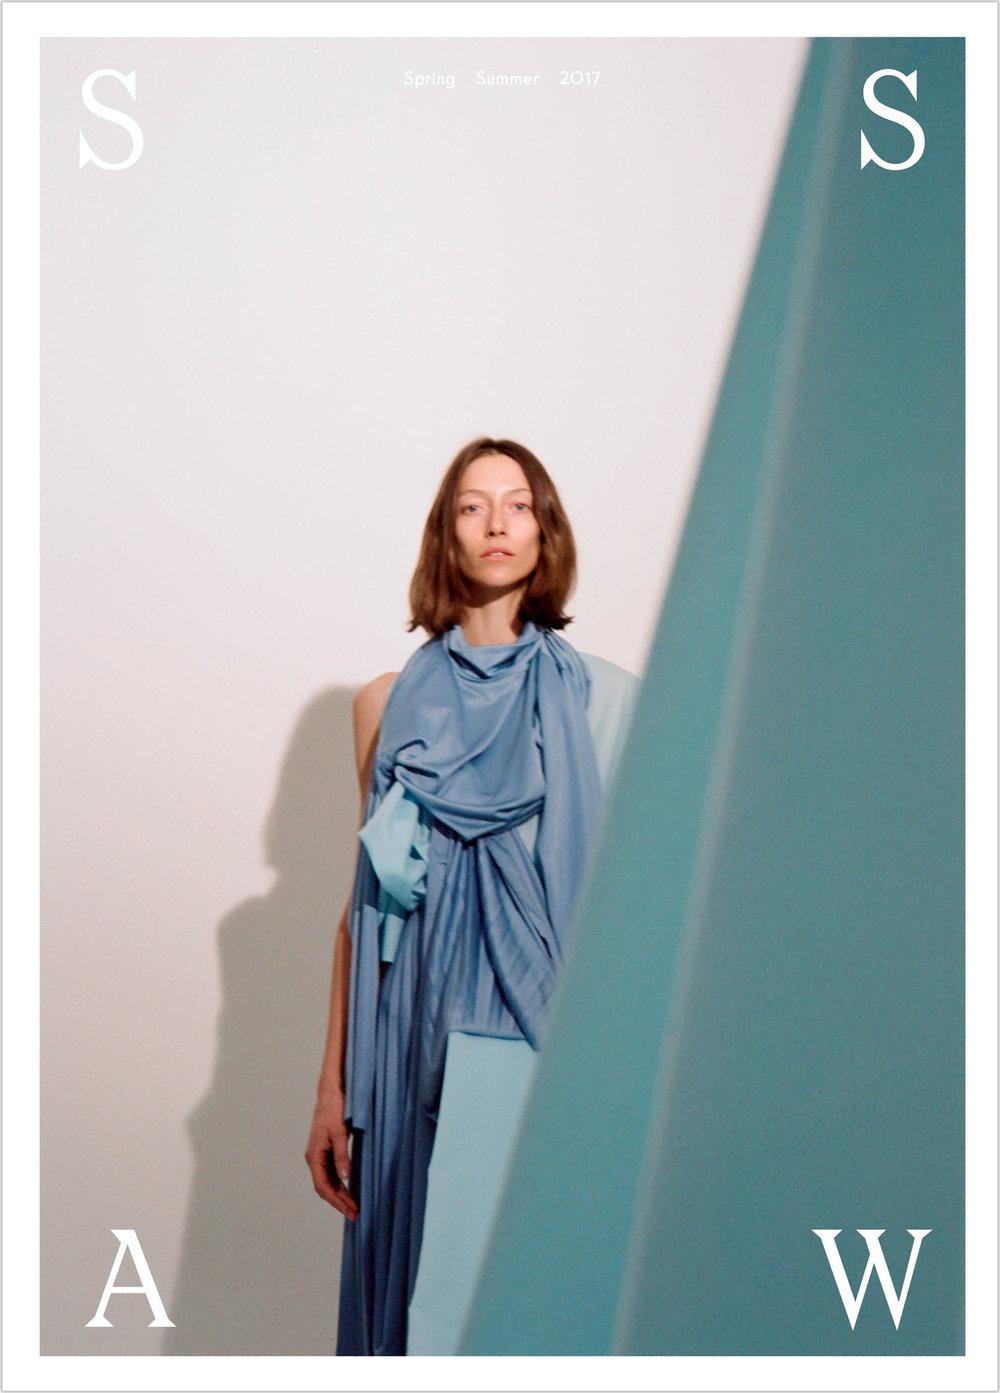 Alana Zimmer by Bibi Cornejo-Borthwick for SSAW Magazine